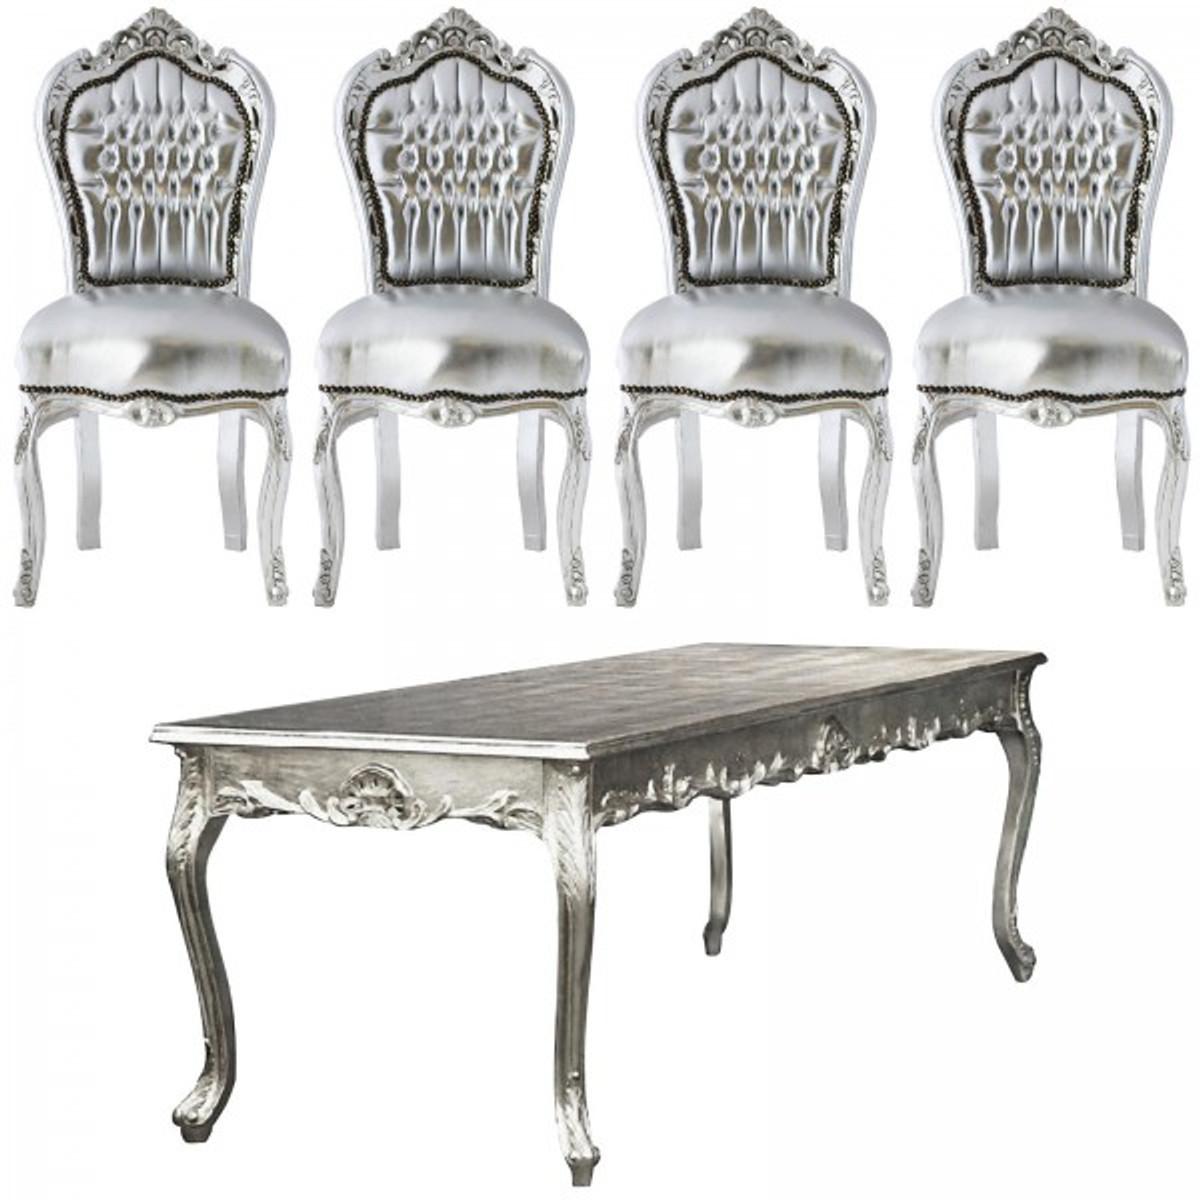 Moderner barock stuhl excellent luxus stuhl barock for Kindermobel set